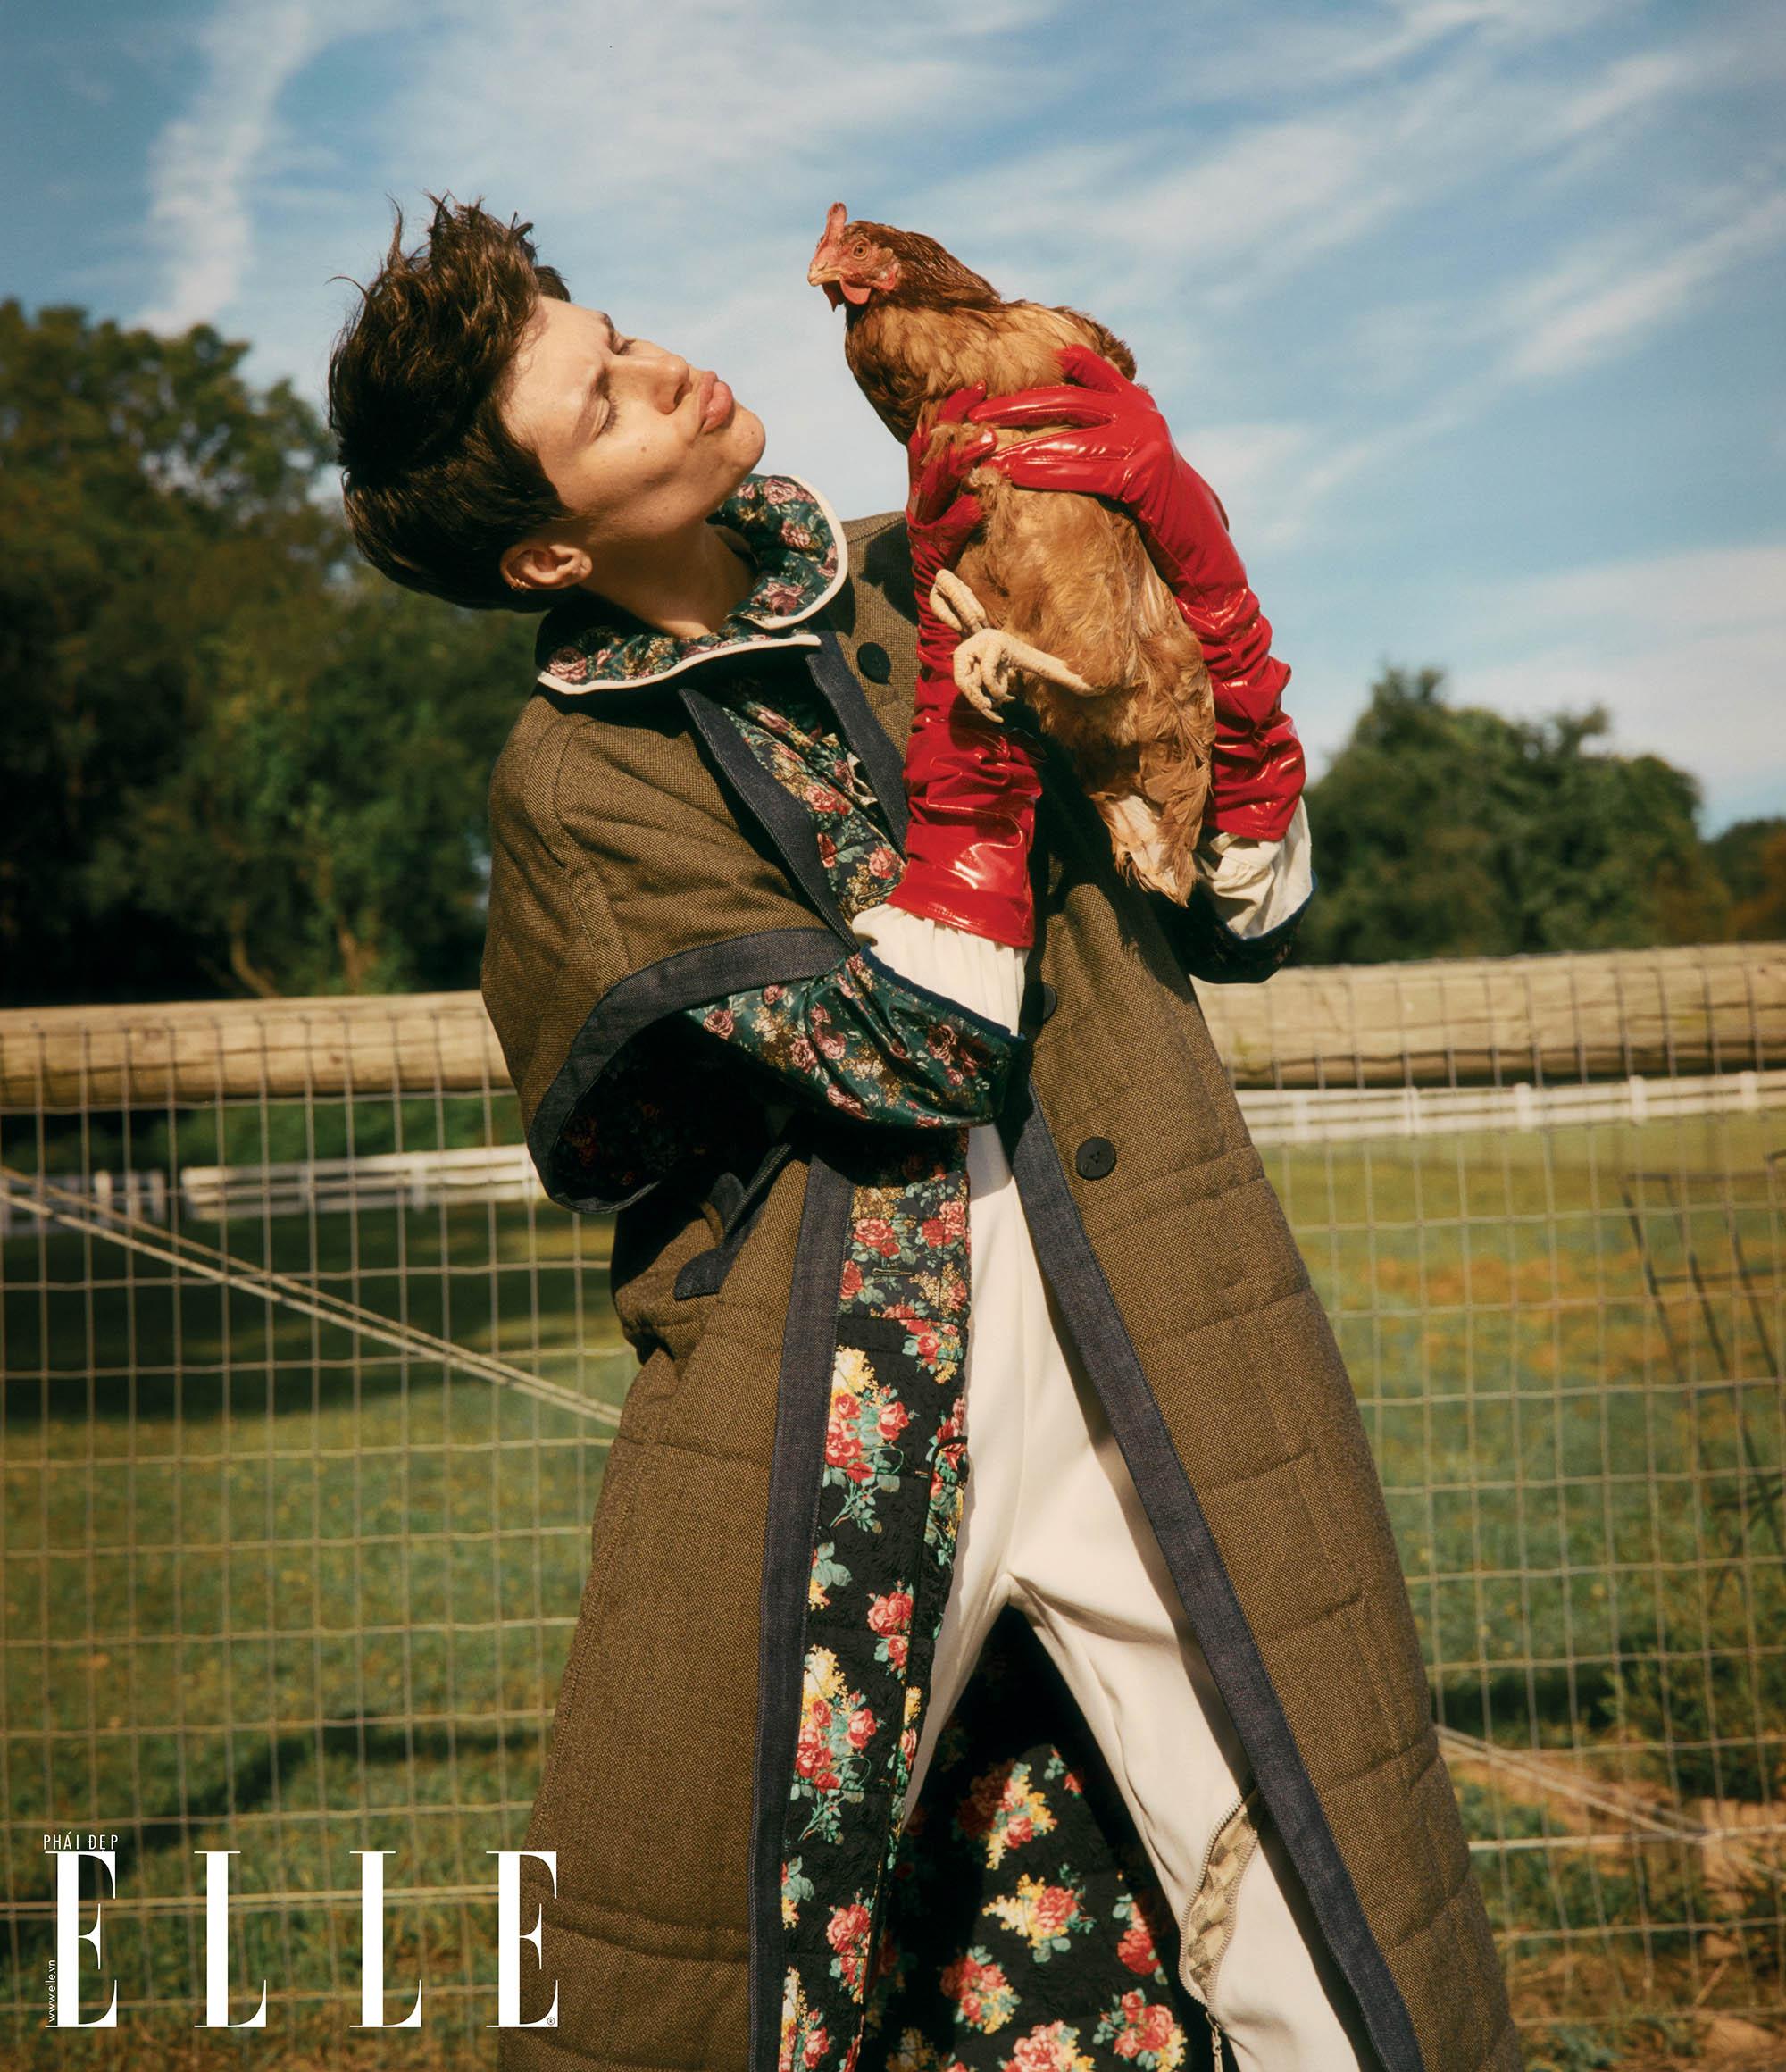 bộ ảnh người mẫu tạo dáng cùng chú gà